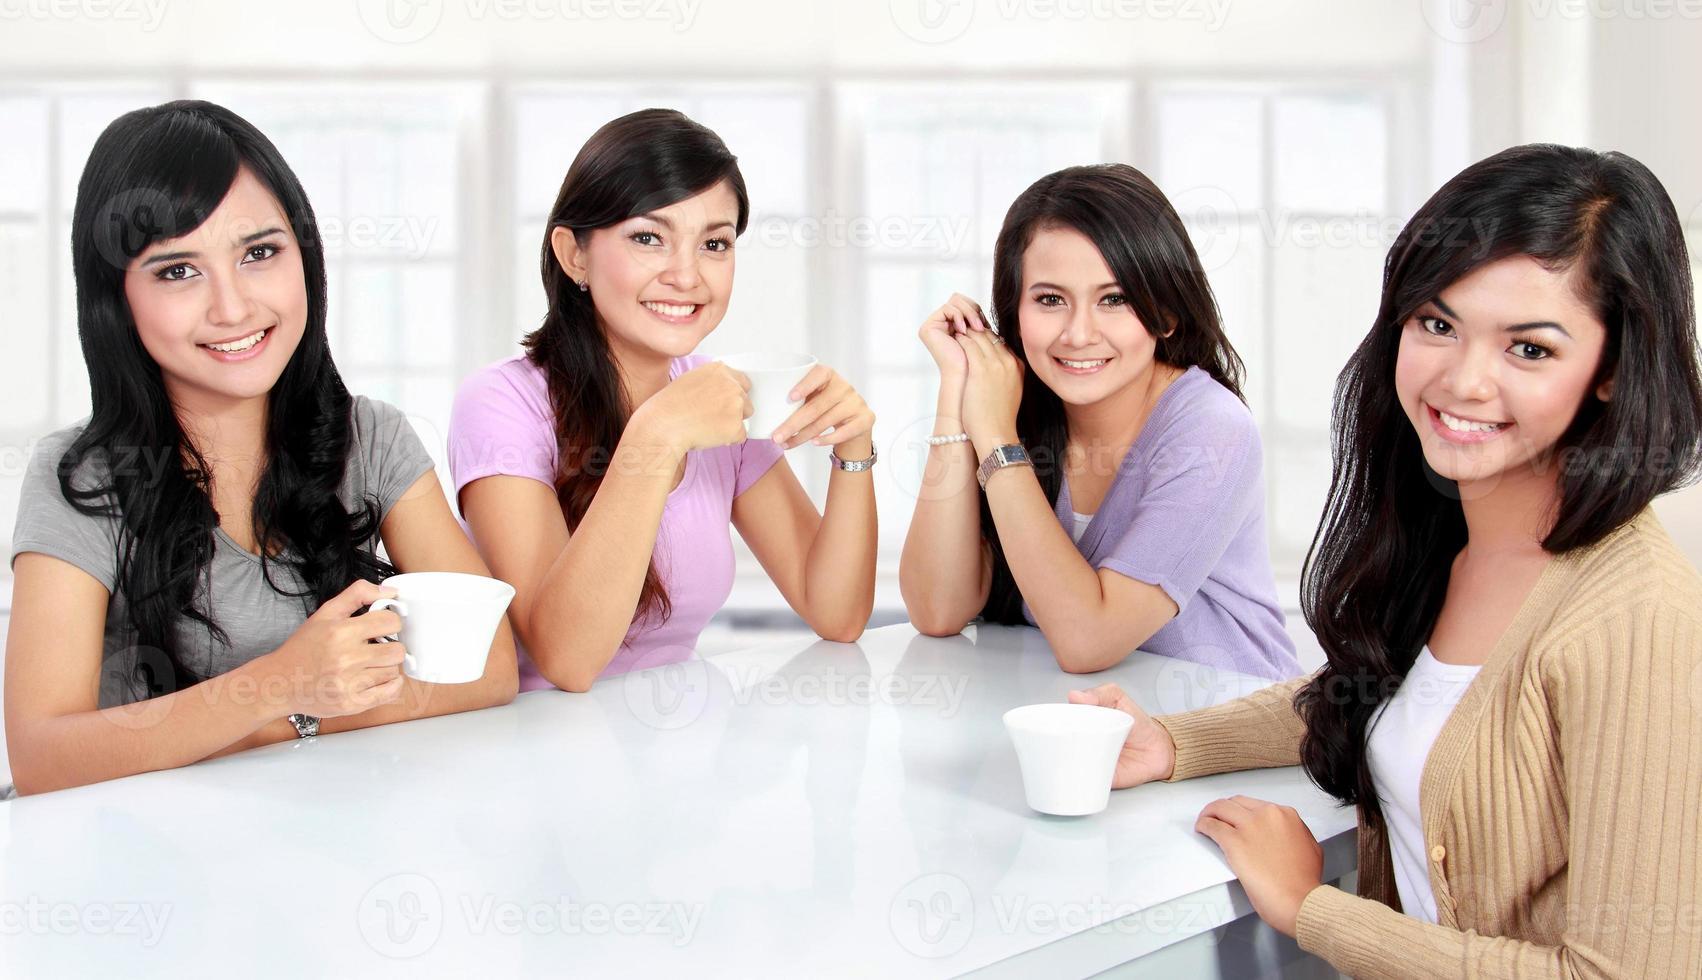 gruppo di donne che si divertono insieme foto